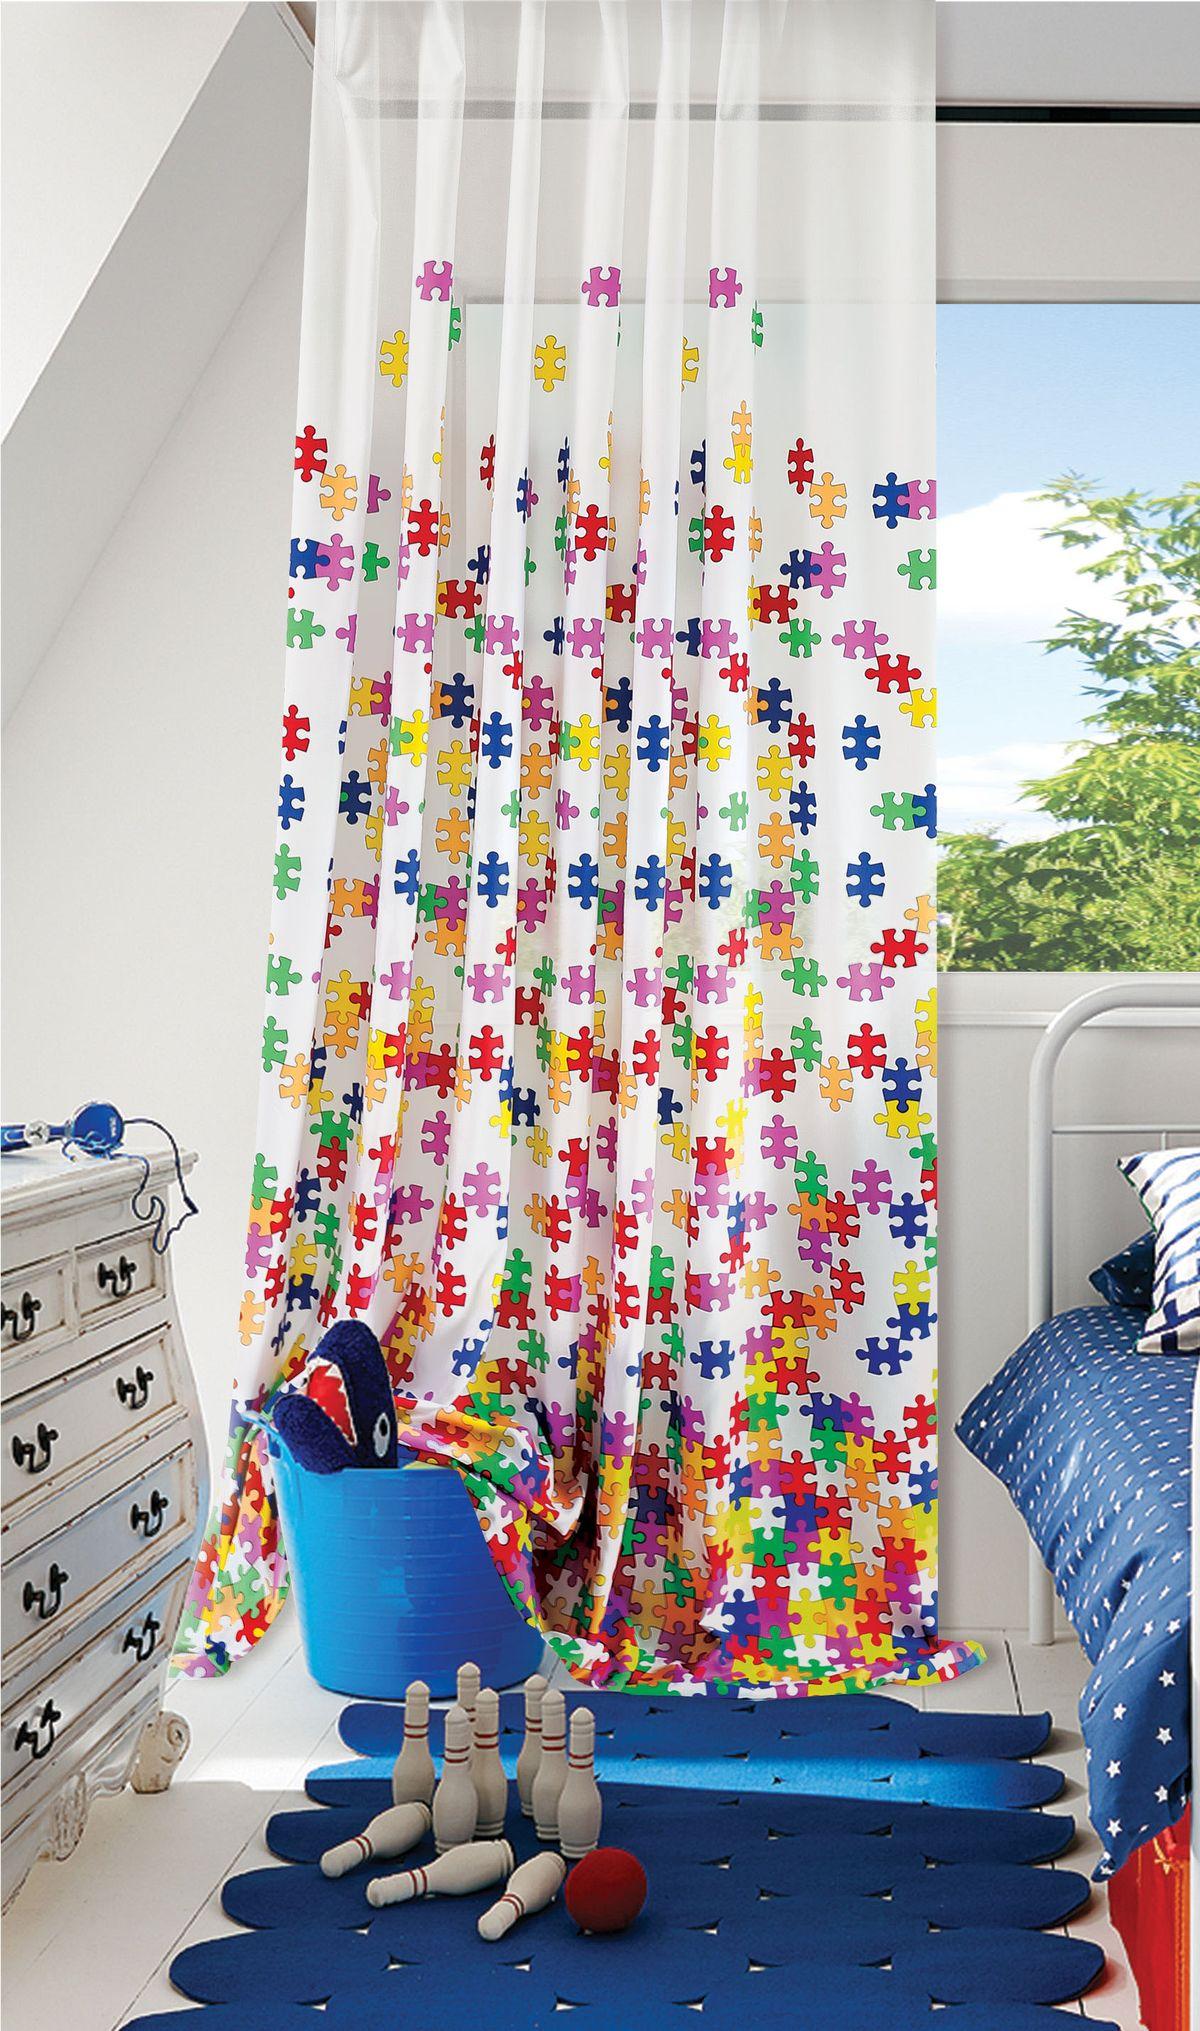 Изящная штора для детской комнаты Garden выполнена из легкой ткани с оригинальной структурой. Приятная текстура и цвет штор привлекут к себе внимание и органично впишутся в интерьер помещения. Штора крепится на карниз при помощи ленты, которая поможет красиво и равномерно задрапировать верх.